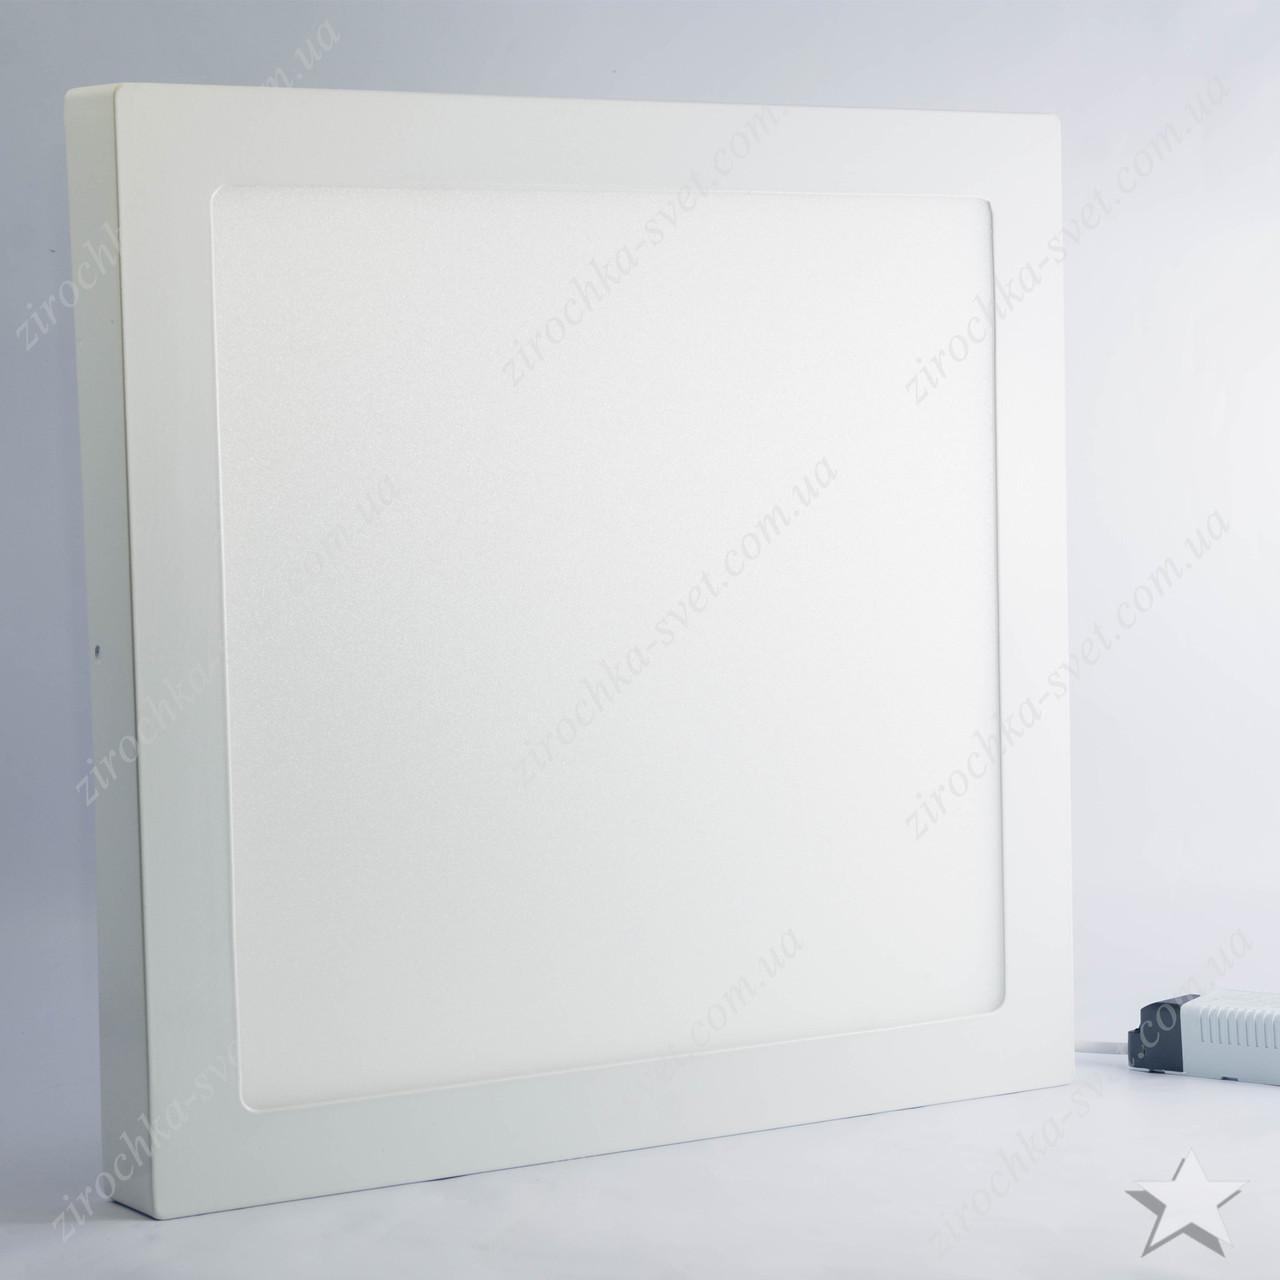 Накладной светодиодный светильник квадрат 24w Feron AL505 1920Lm 5000K